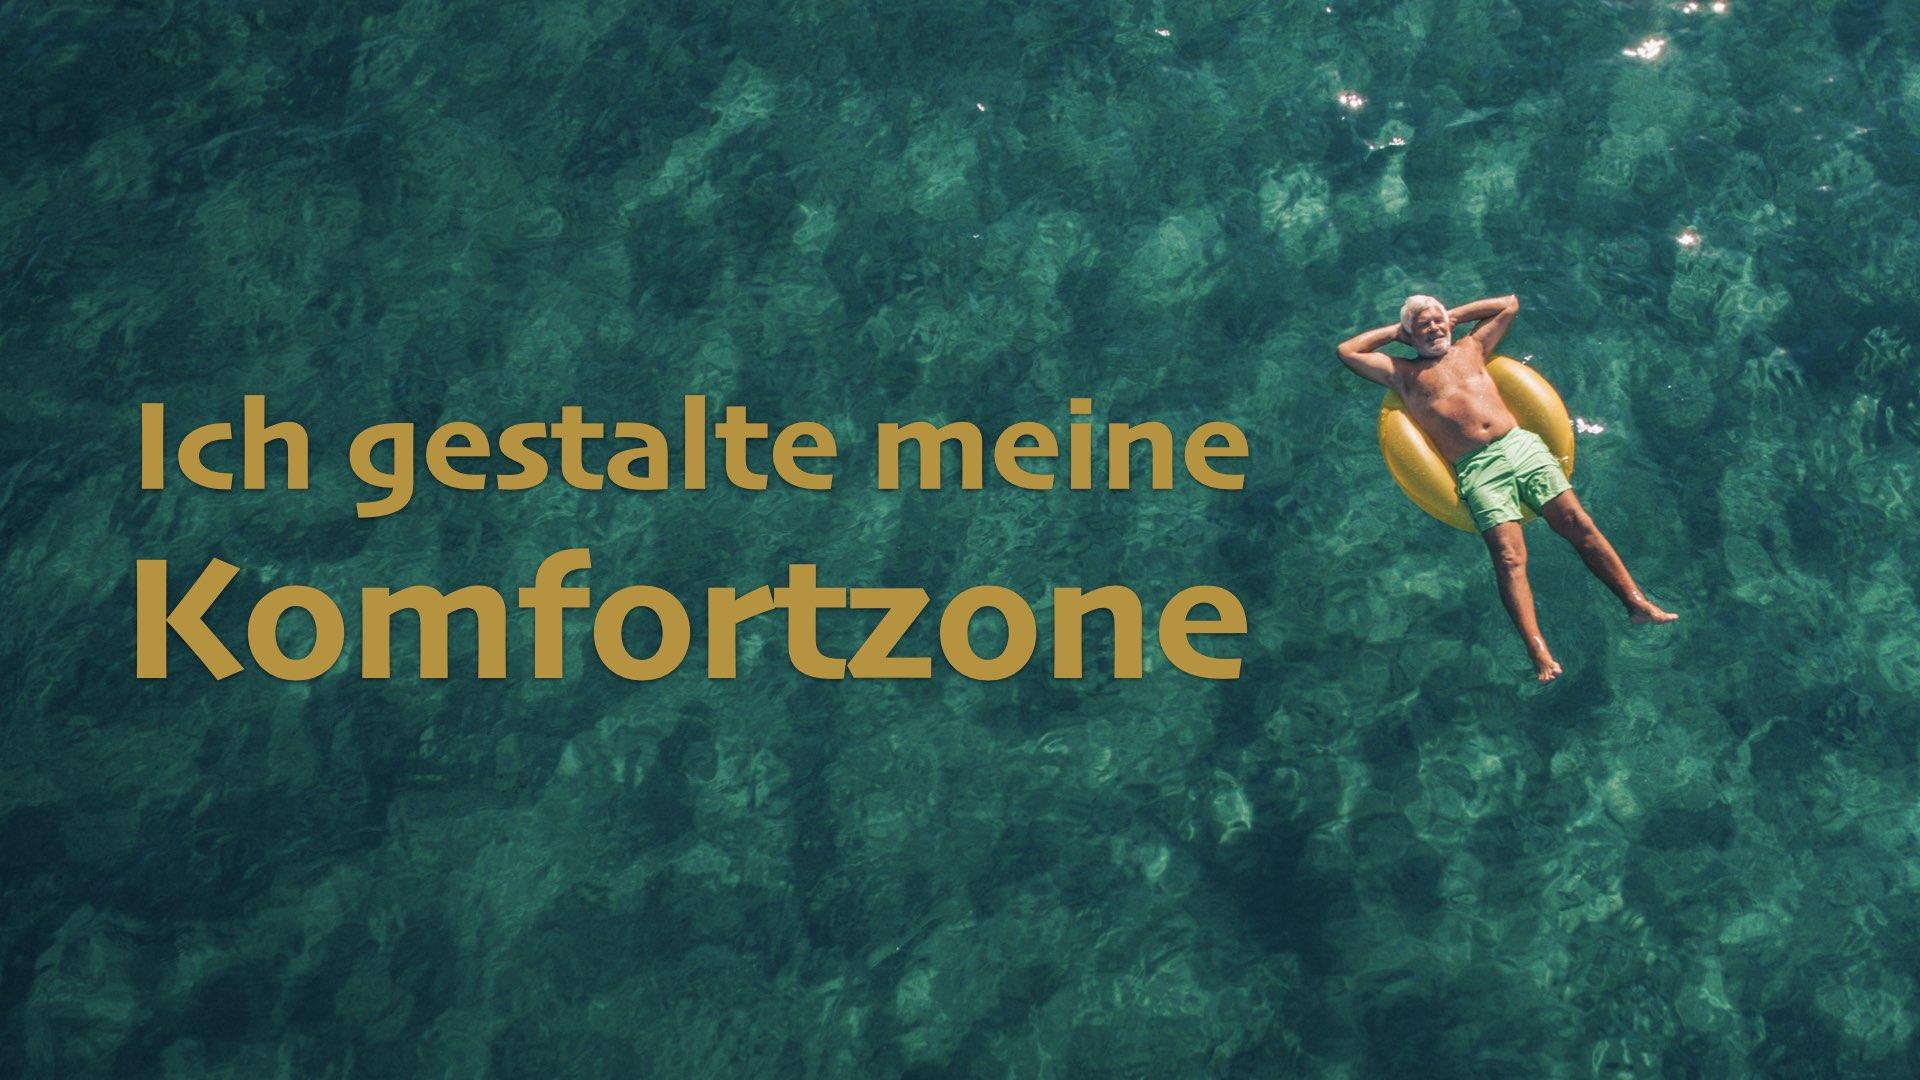 Komfortzone-moderation-storytelling-new-